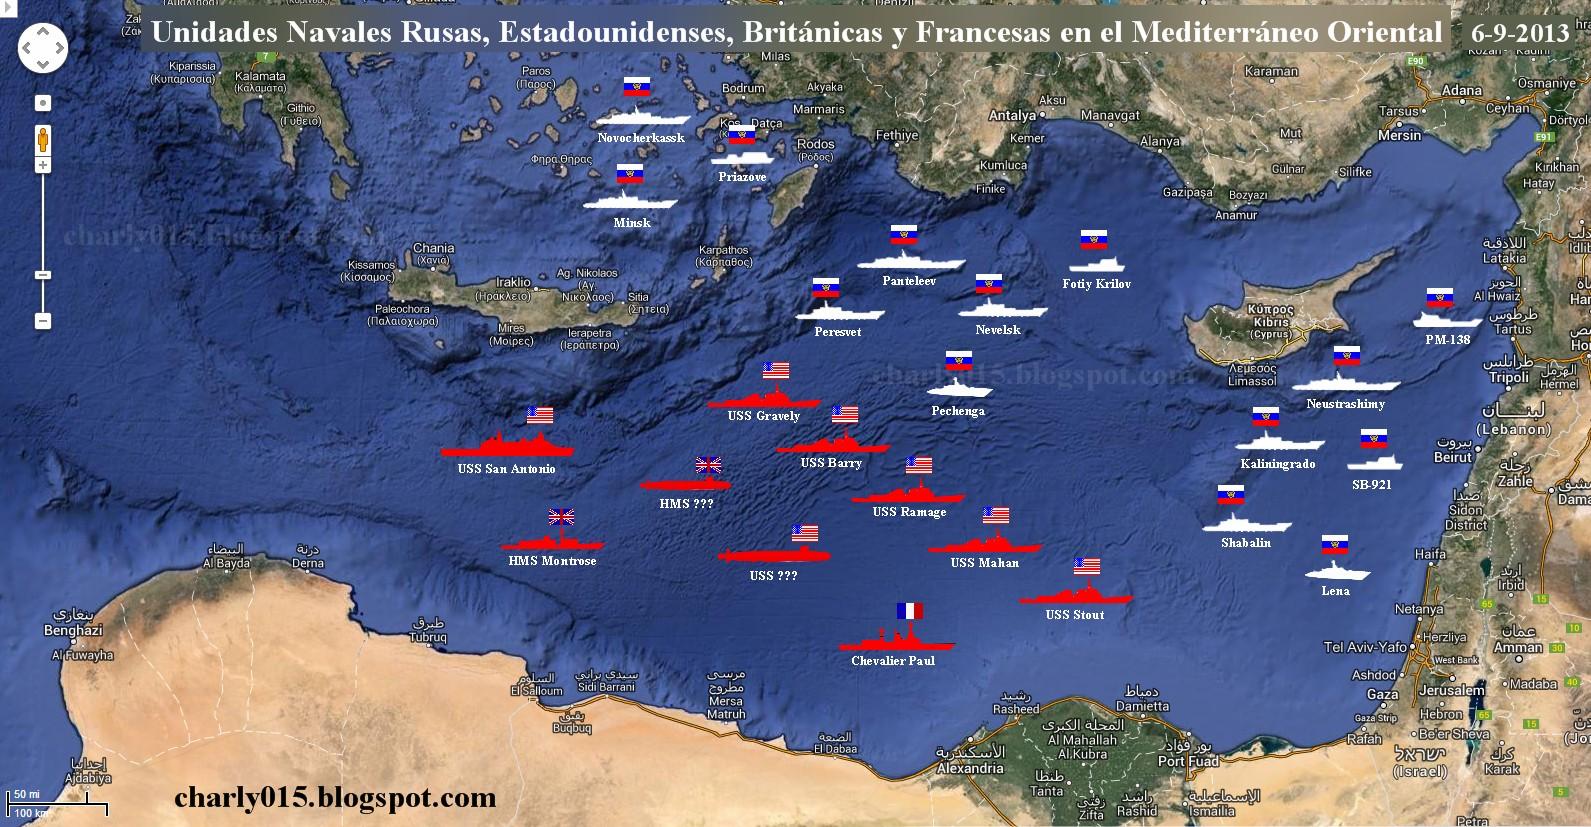 https://lh3.ggpht.com/-irSLomYBDts/Uit1UtBnILI/AAAAAAAABfY/yu4usJupe-M/s1600/conflicto+sirio+buques+7+sep+2013.jpg